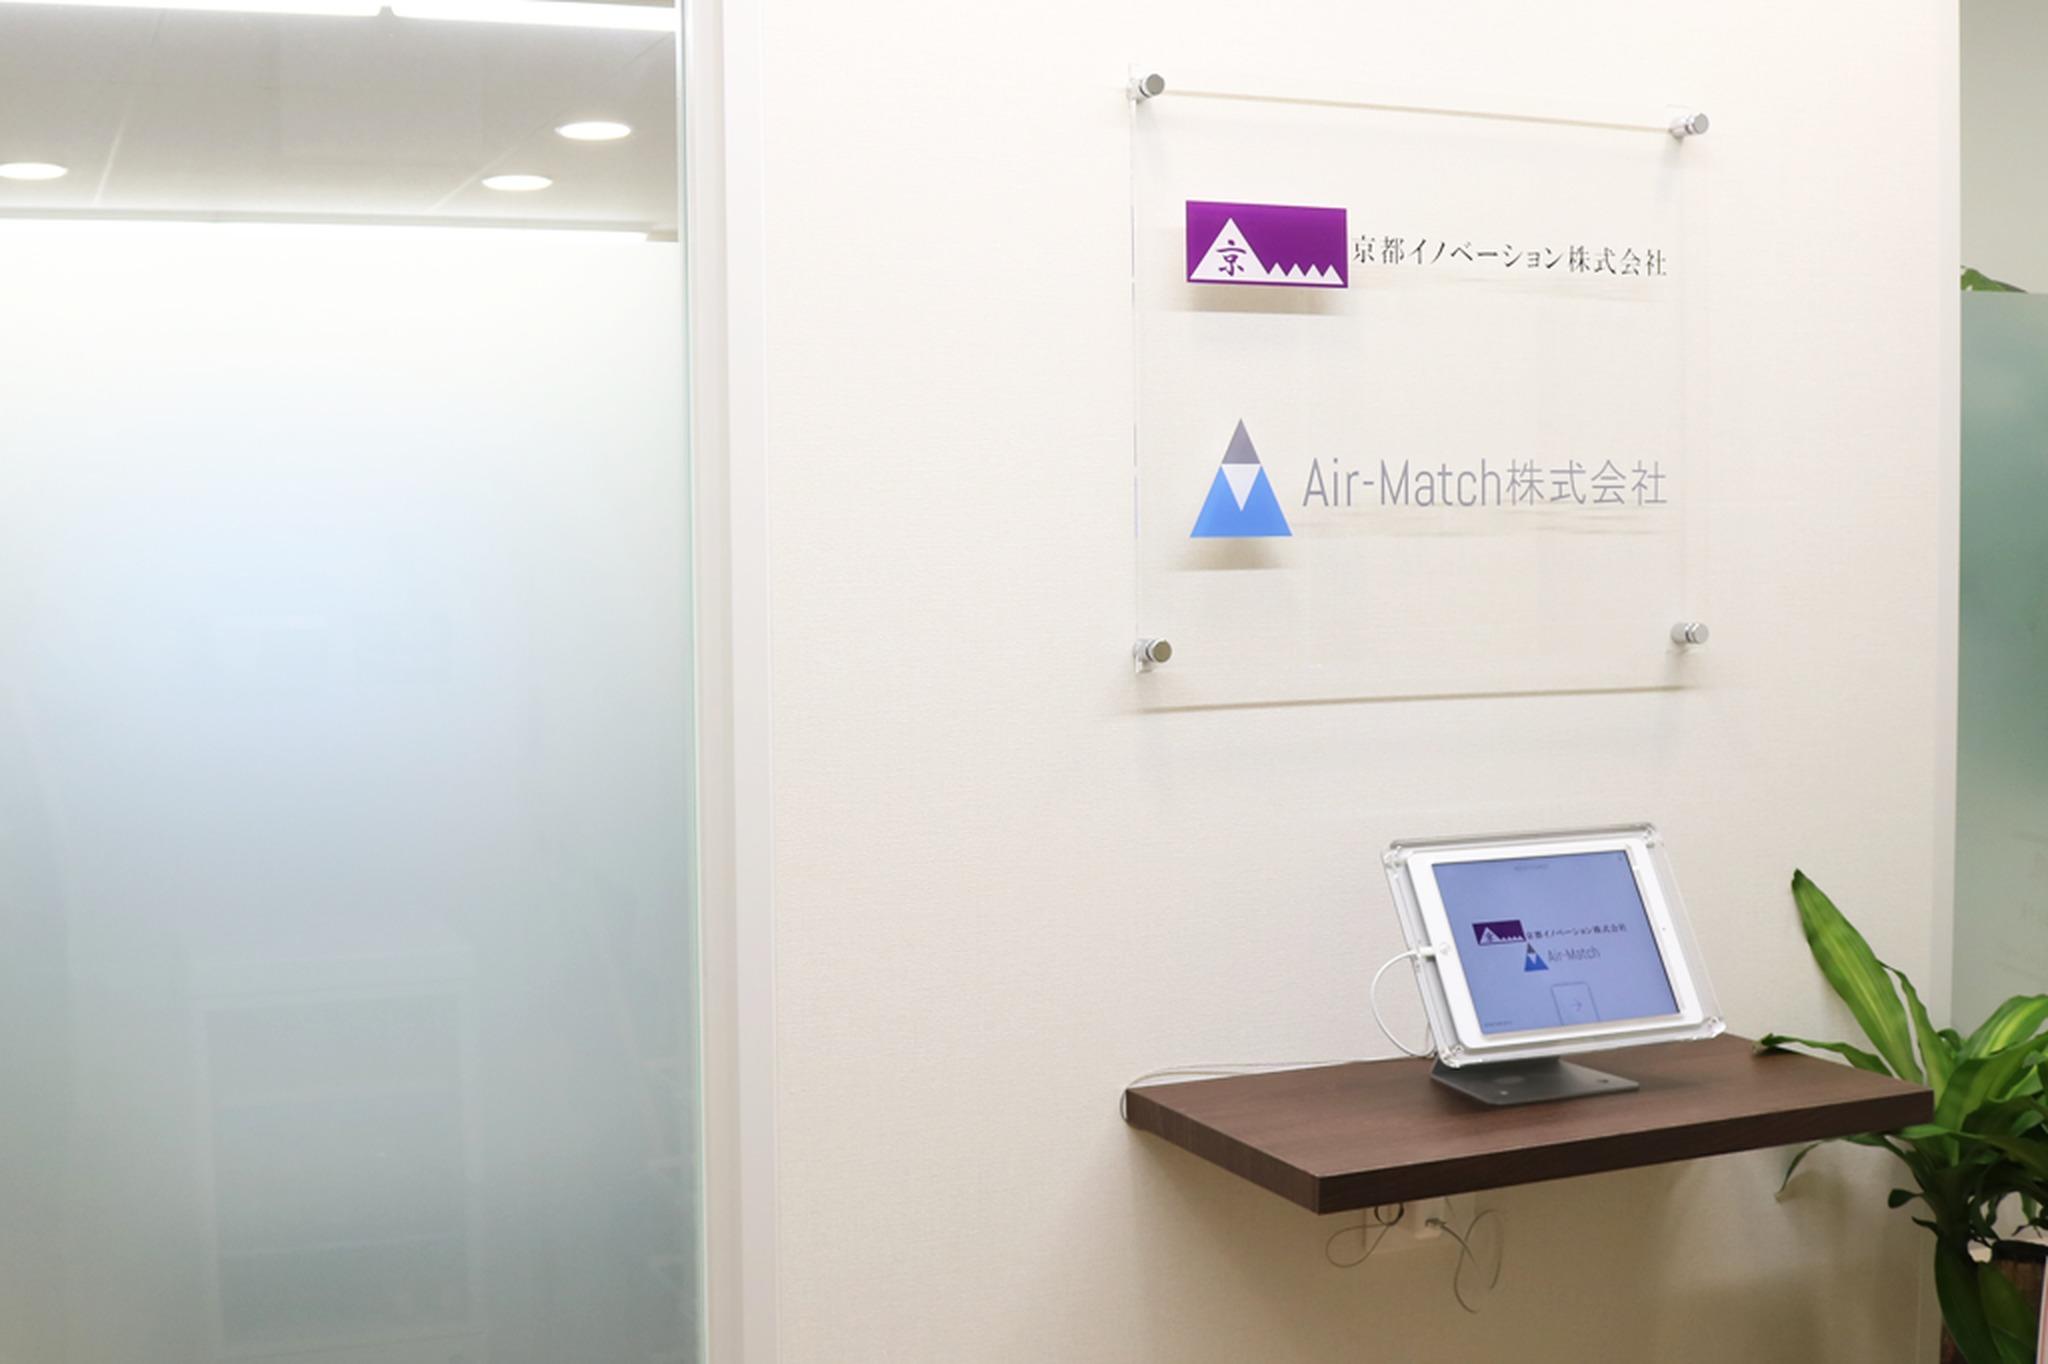 京都イノベーション株式会社